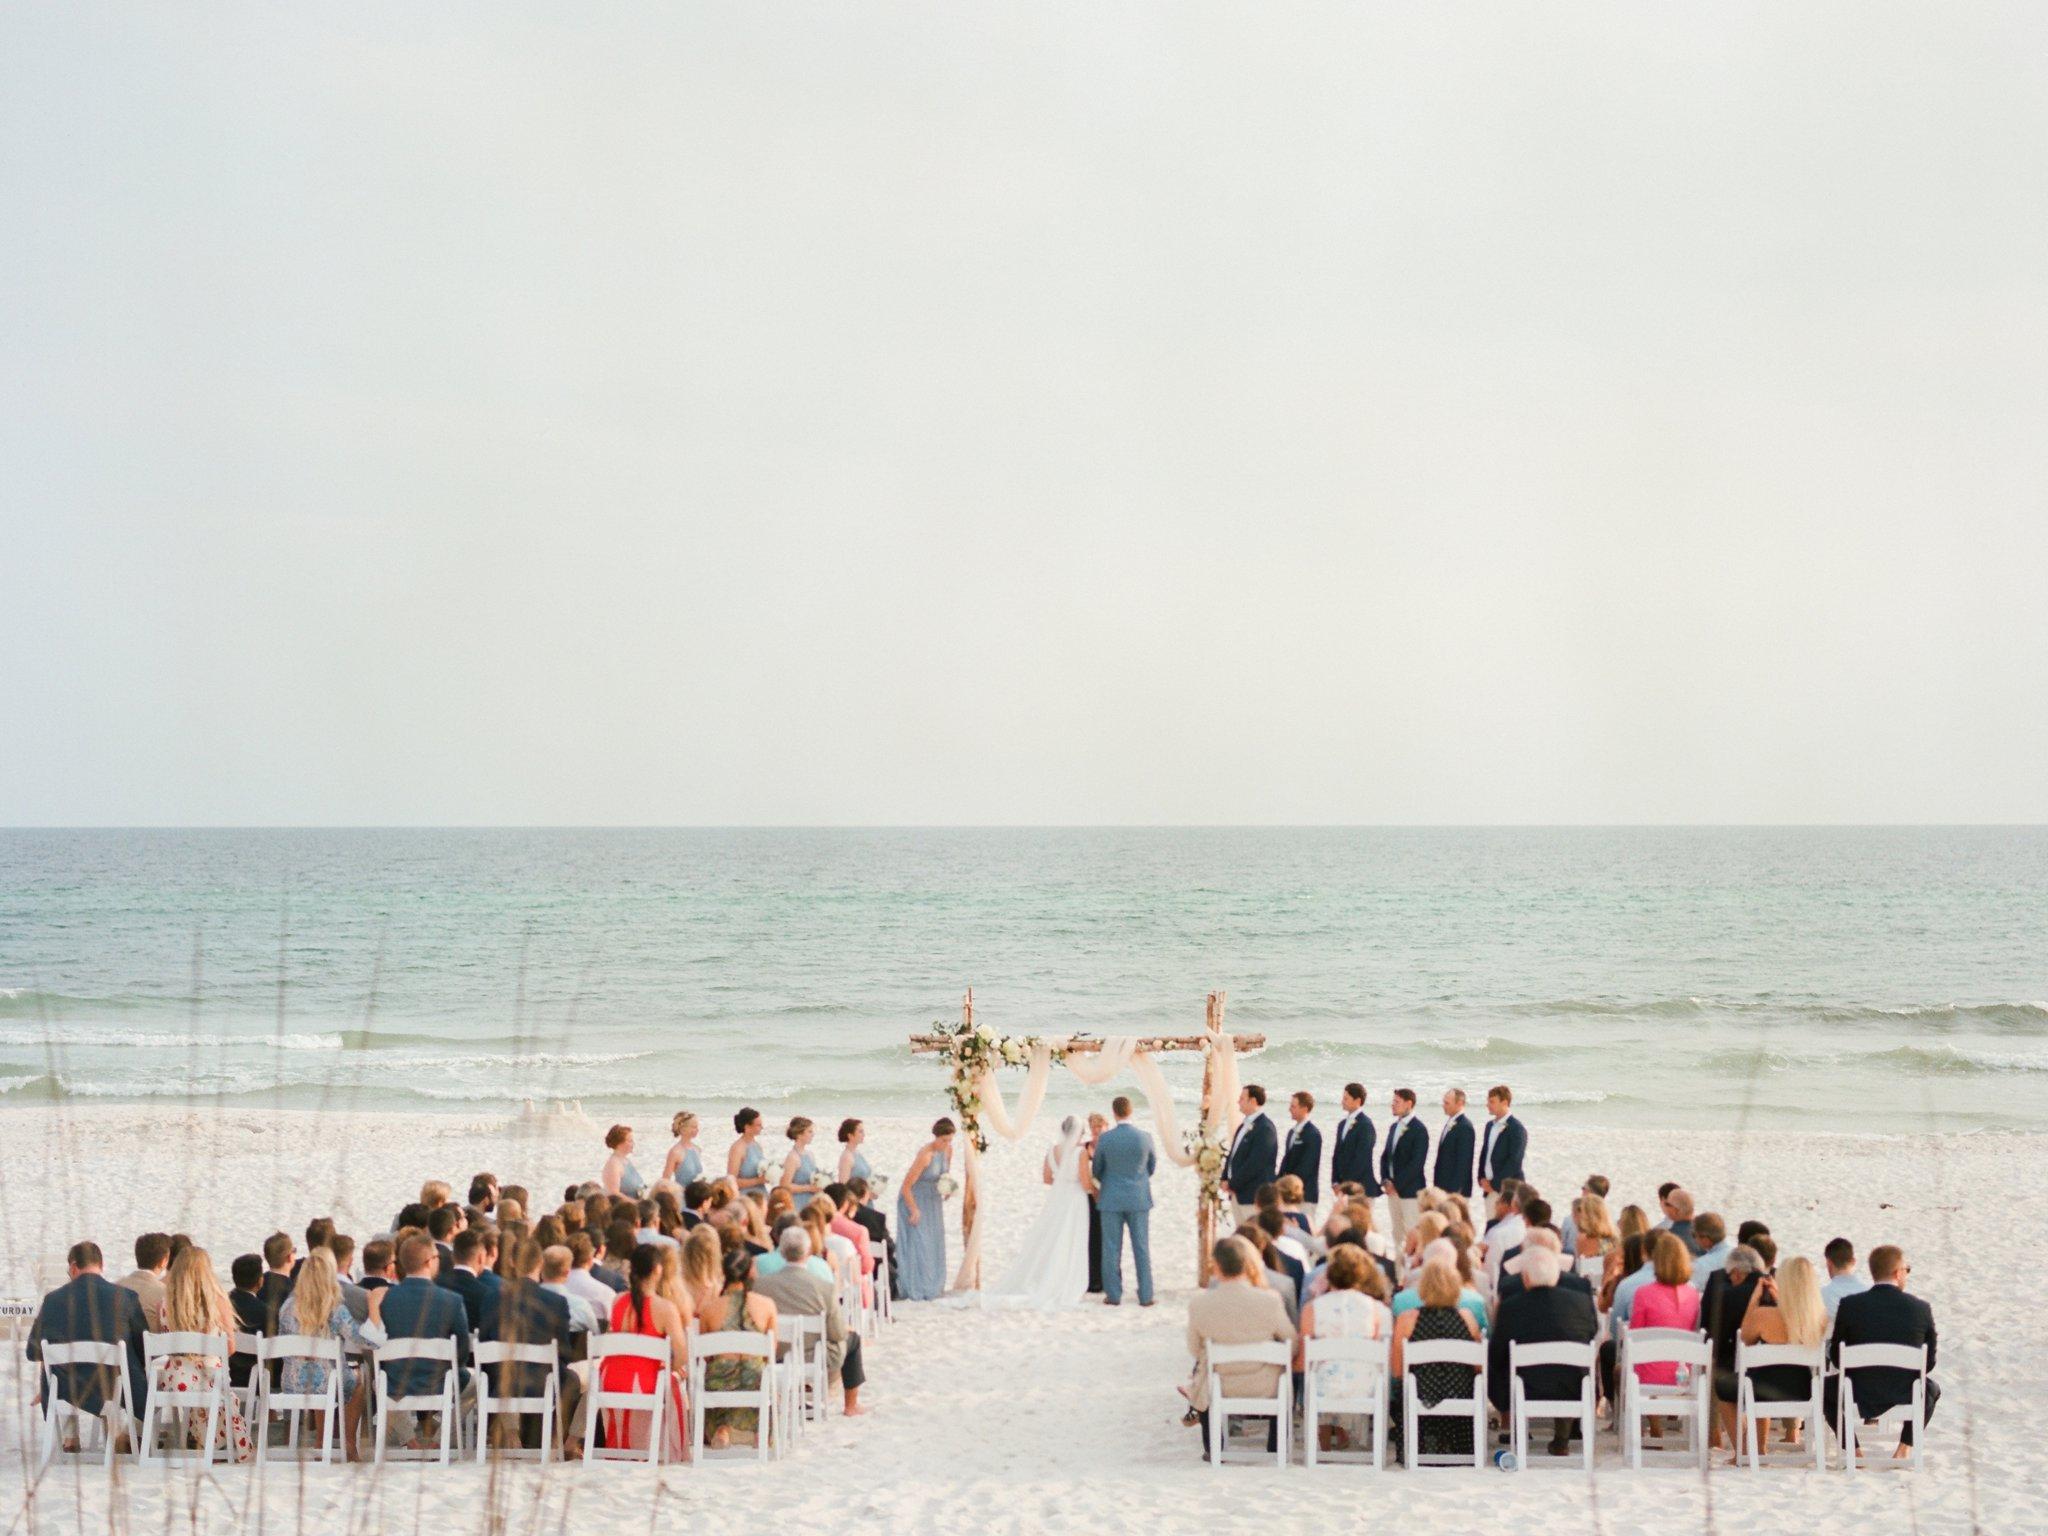 carillon beach wedding photographer shannon griffin photographer_0014.jpg